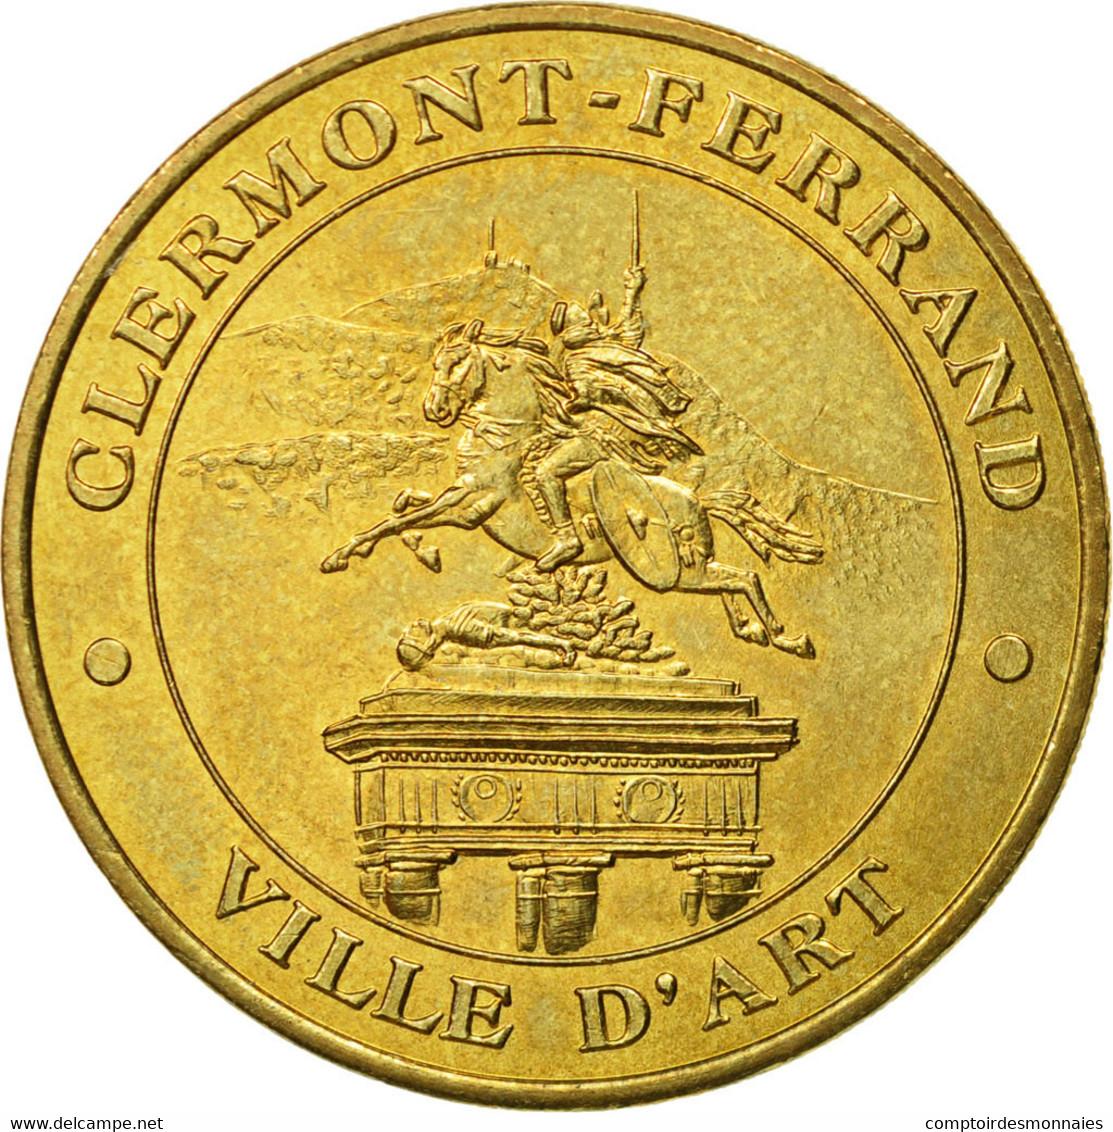 France, Jeton, Jeton Touristique, 63/ Clermont-Ferrand - Ville D'Art, 2003, MDP - France